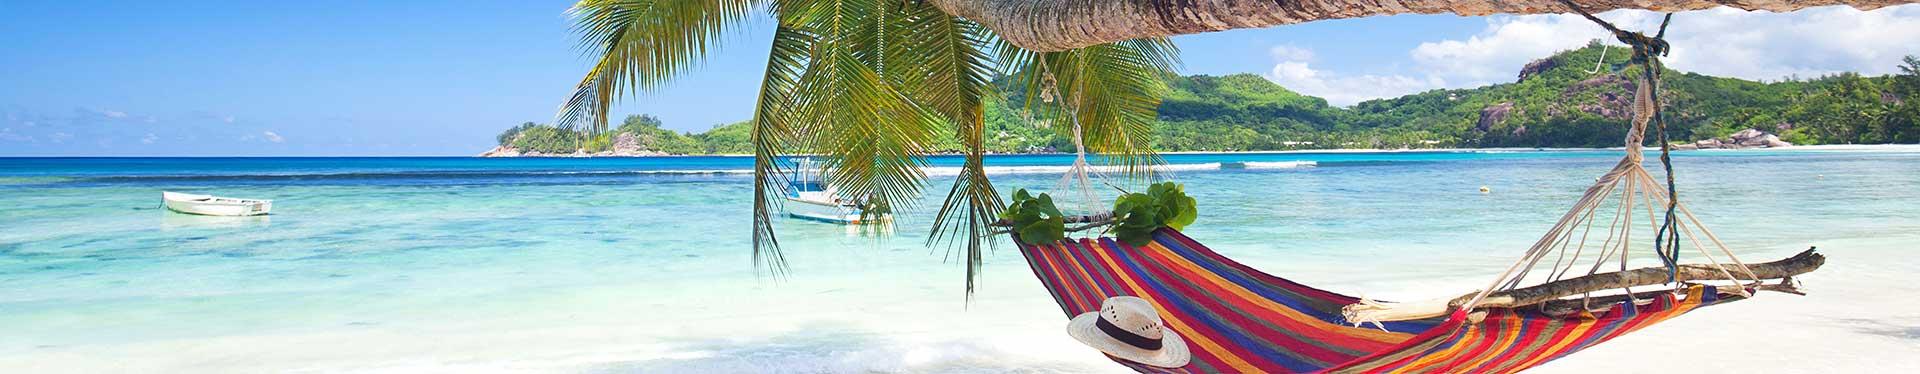 Hammock on the Beach in the Caribbean